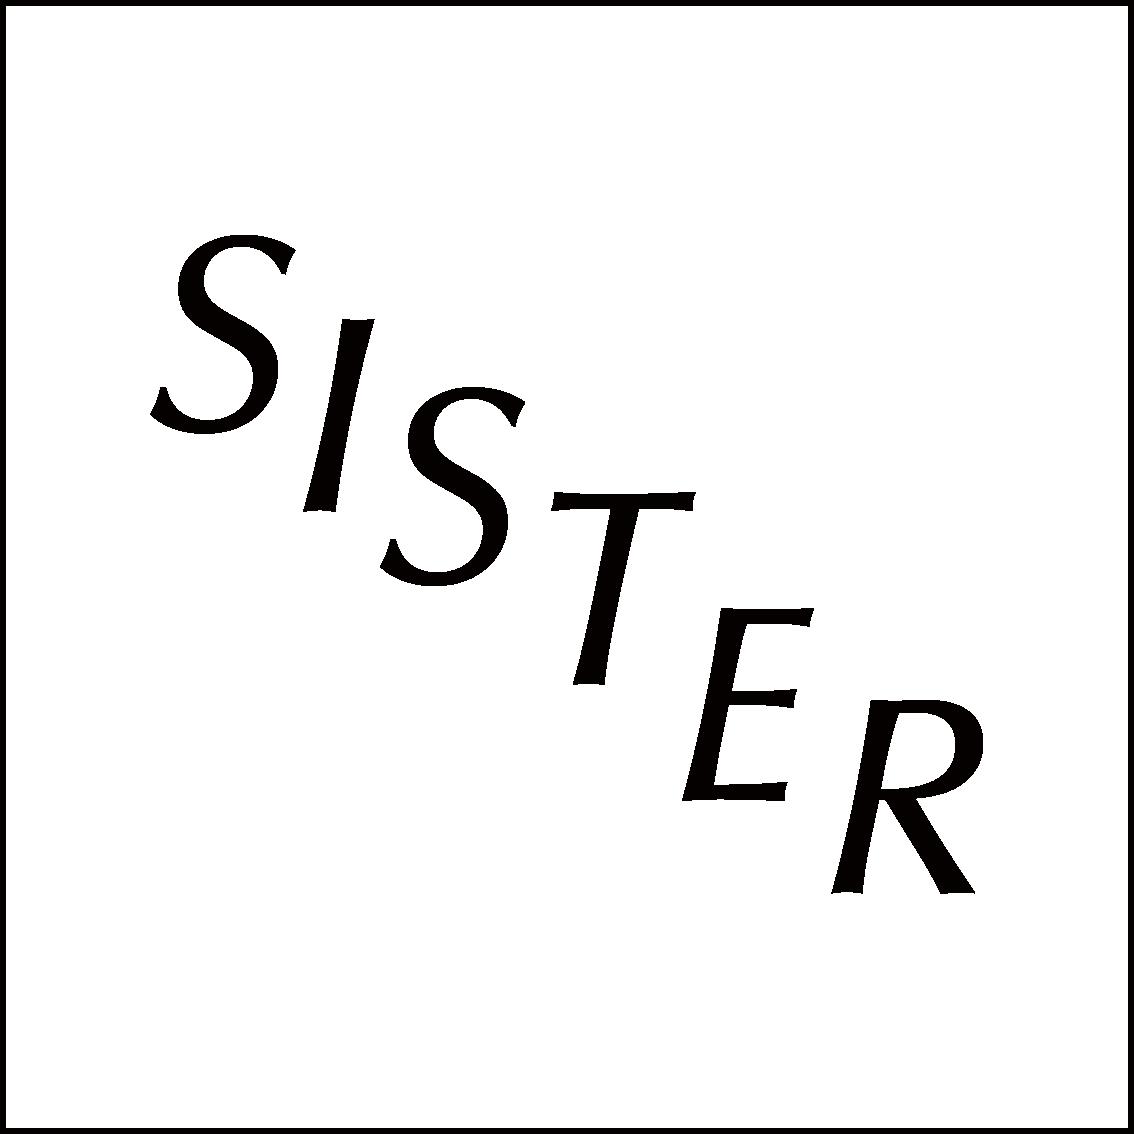 sister.